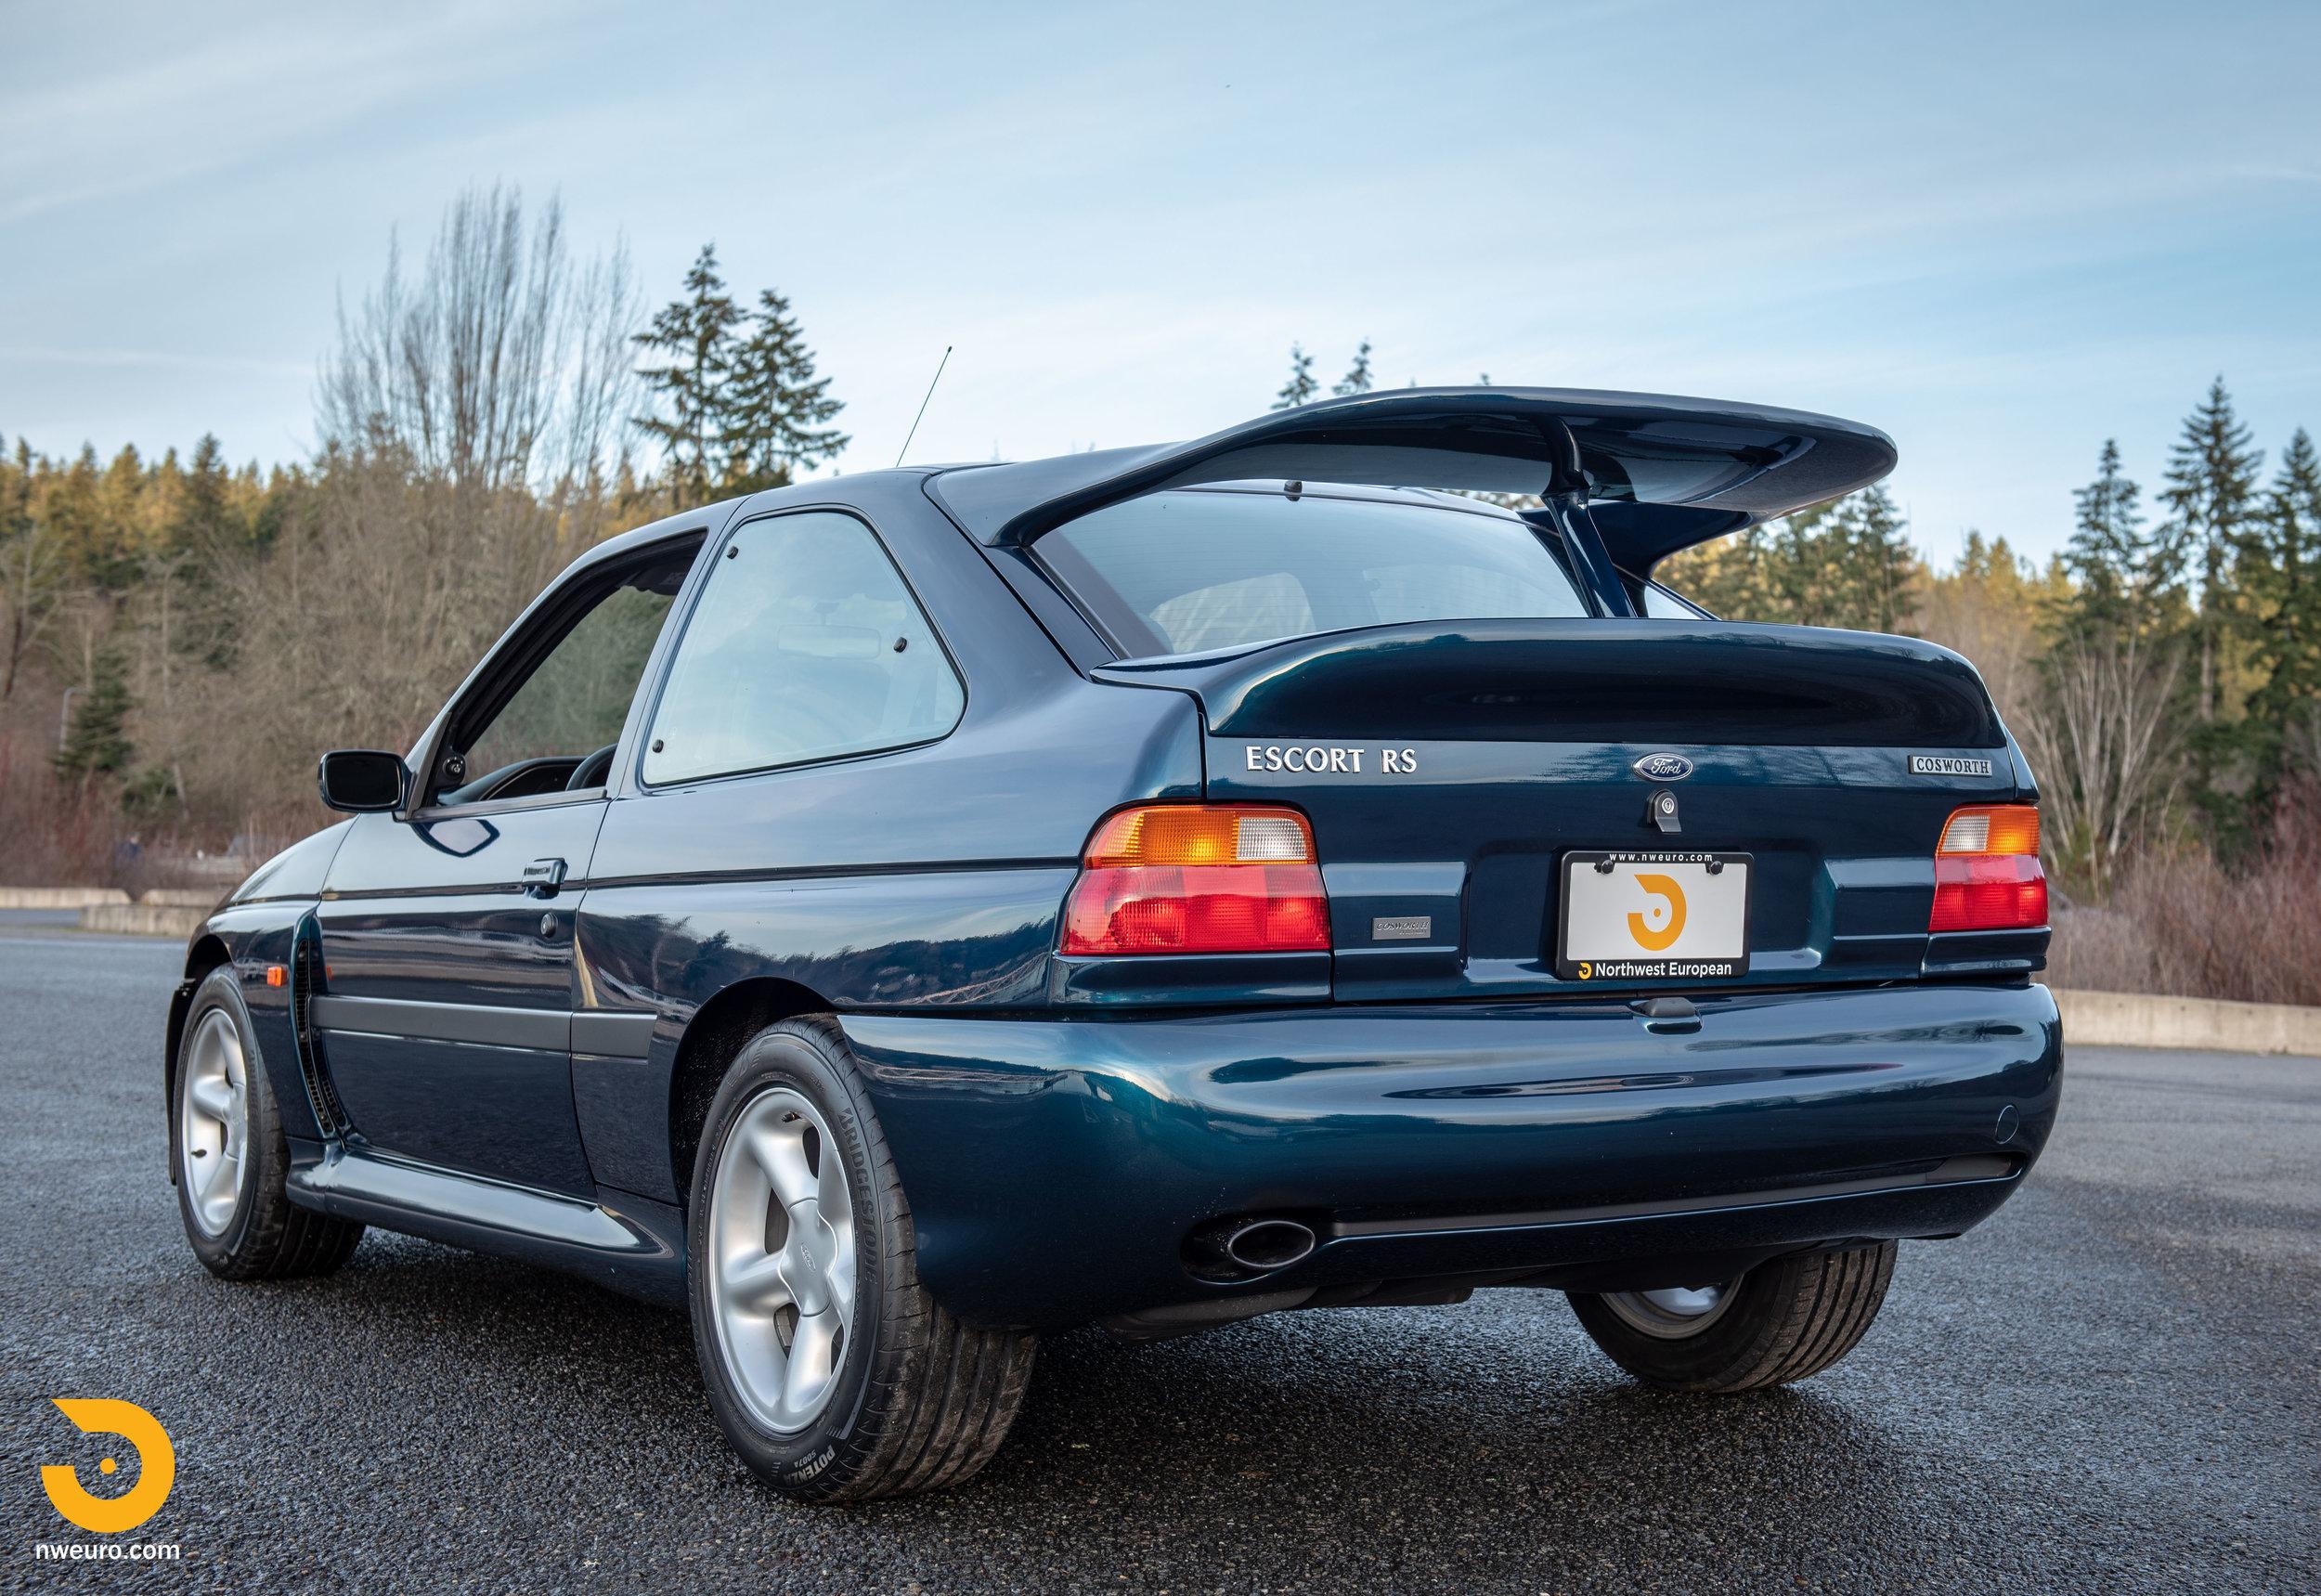 1995 Ford Escort Cosworth - Petrol Blue-72.jpg